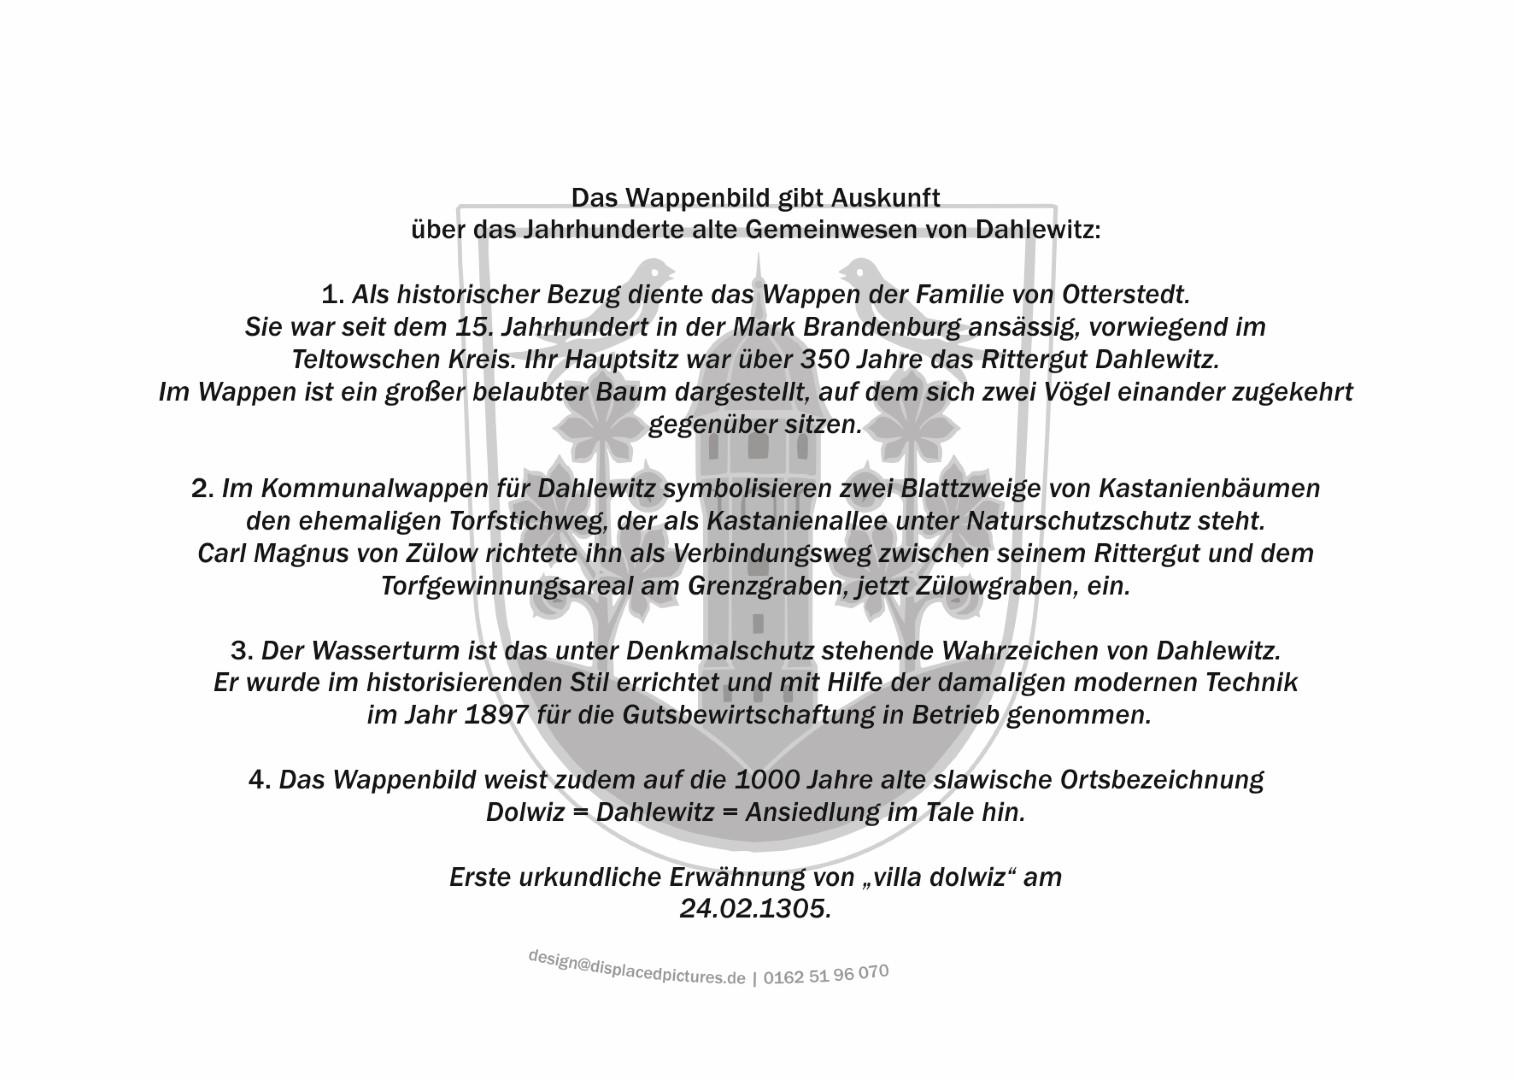 2010-08 Wappenaufkleber Dahlewitz-BACK